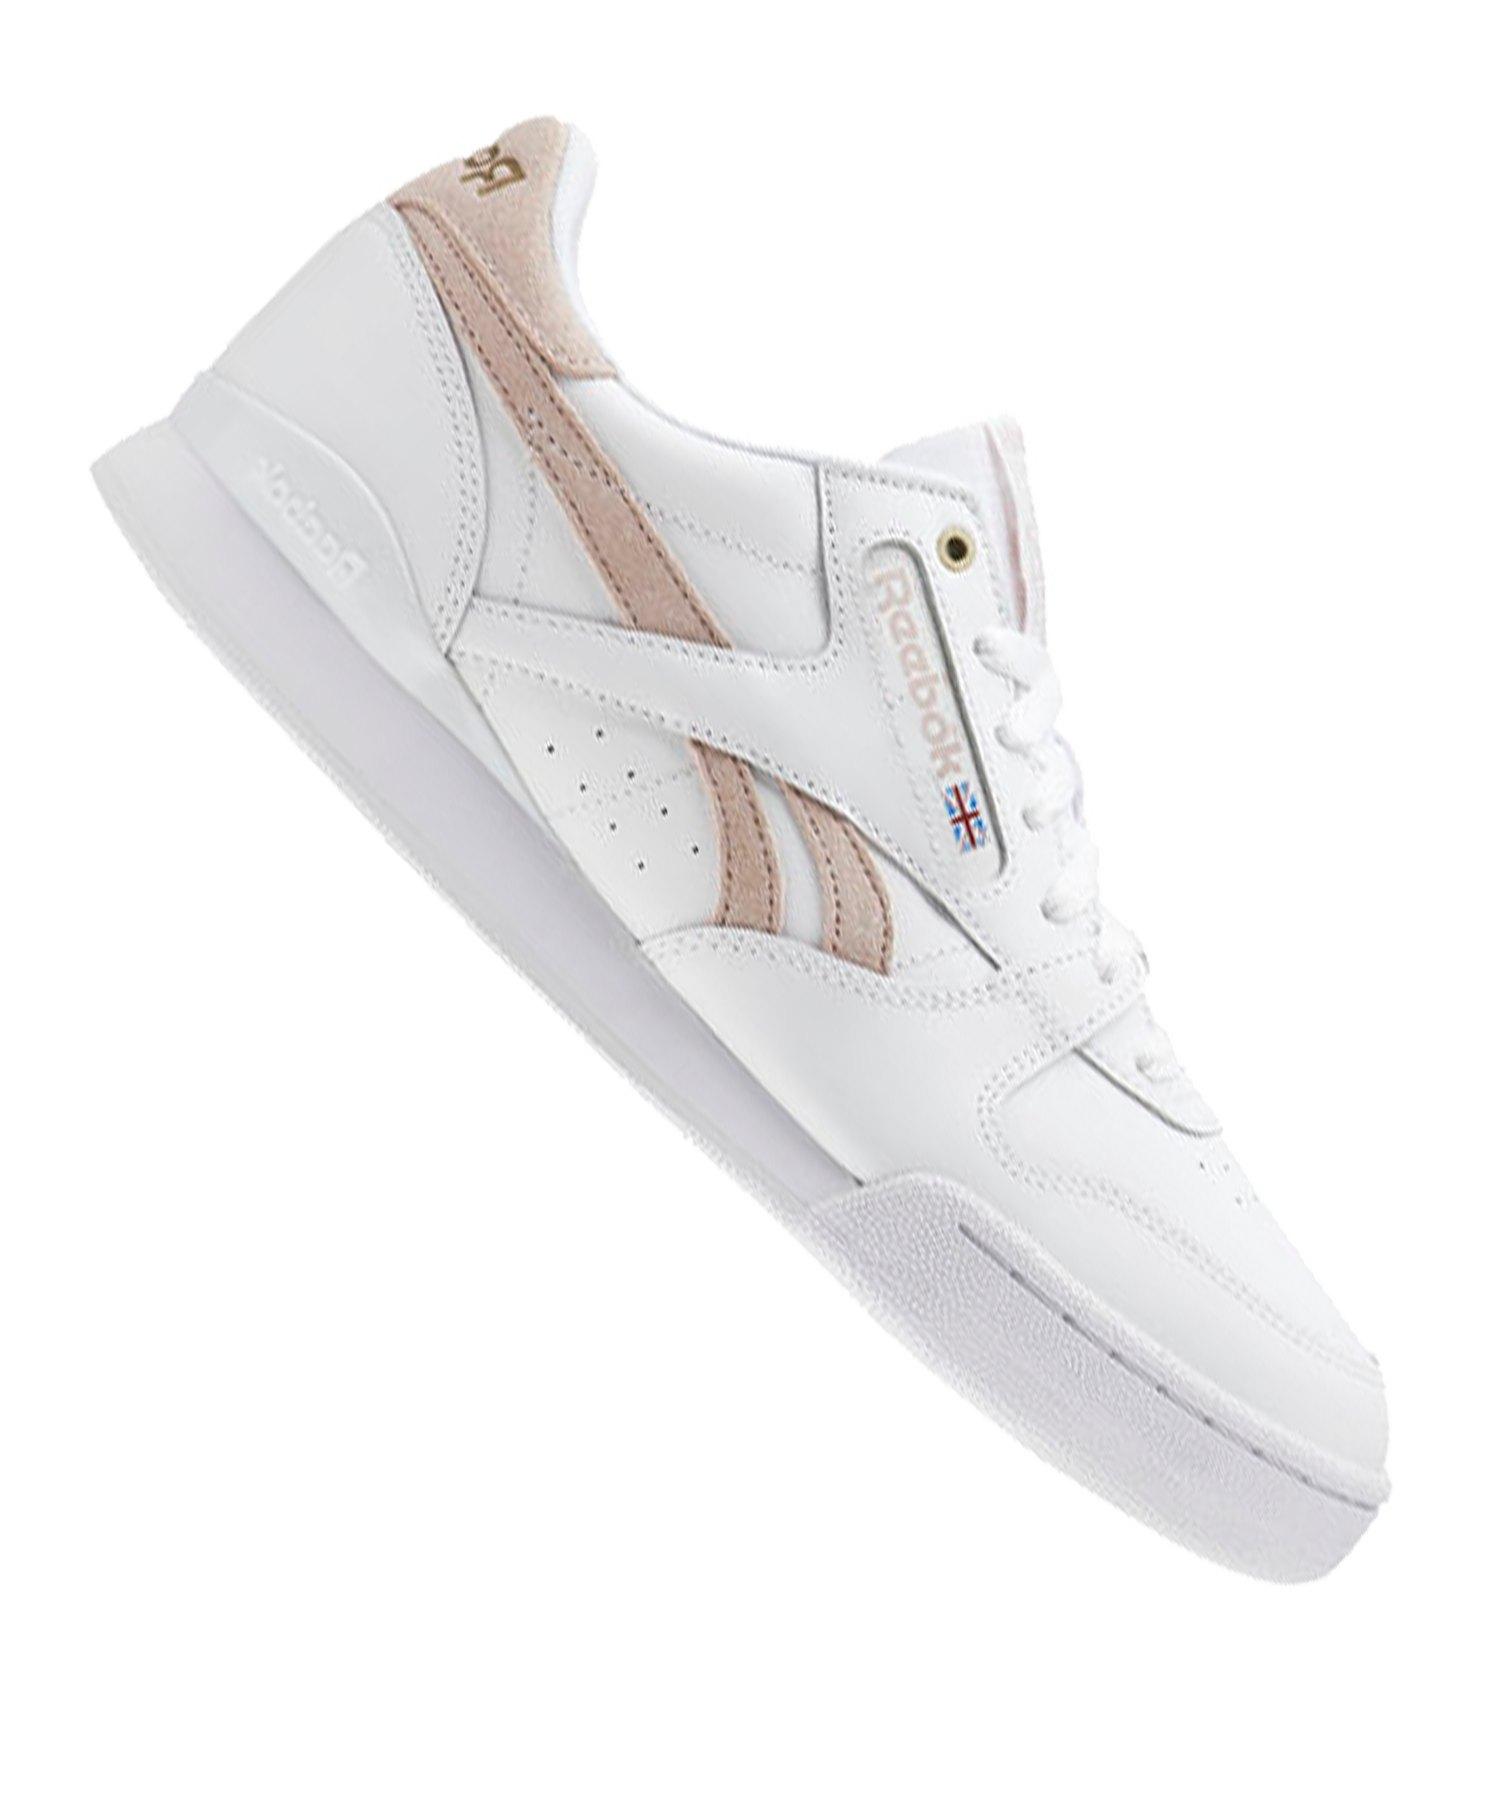 Reebok Phase 1 Pro MU Sneaker Weiss Grau - weiss